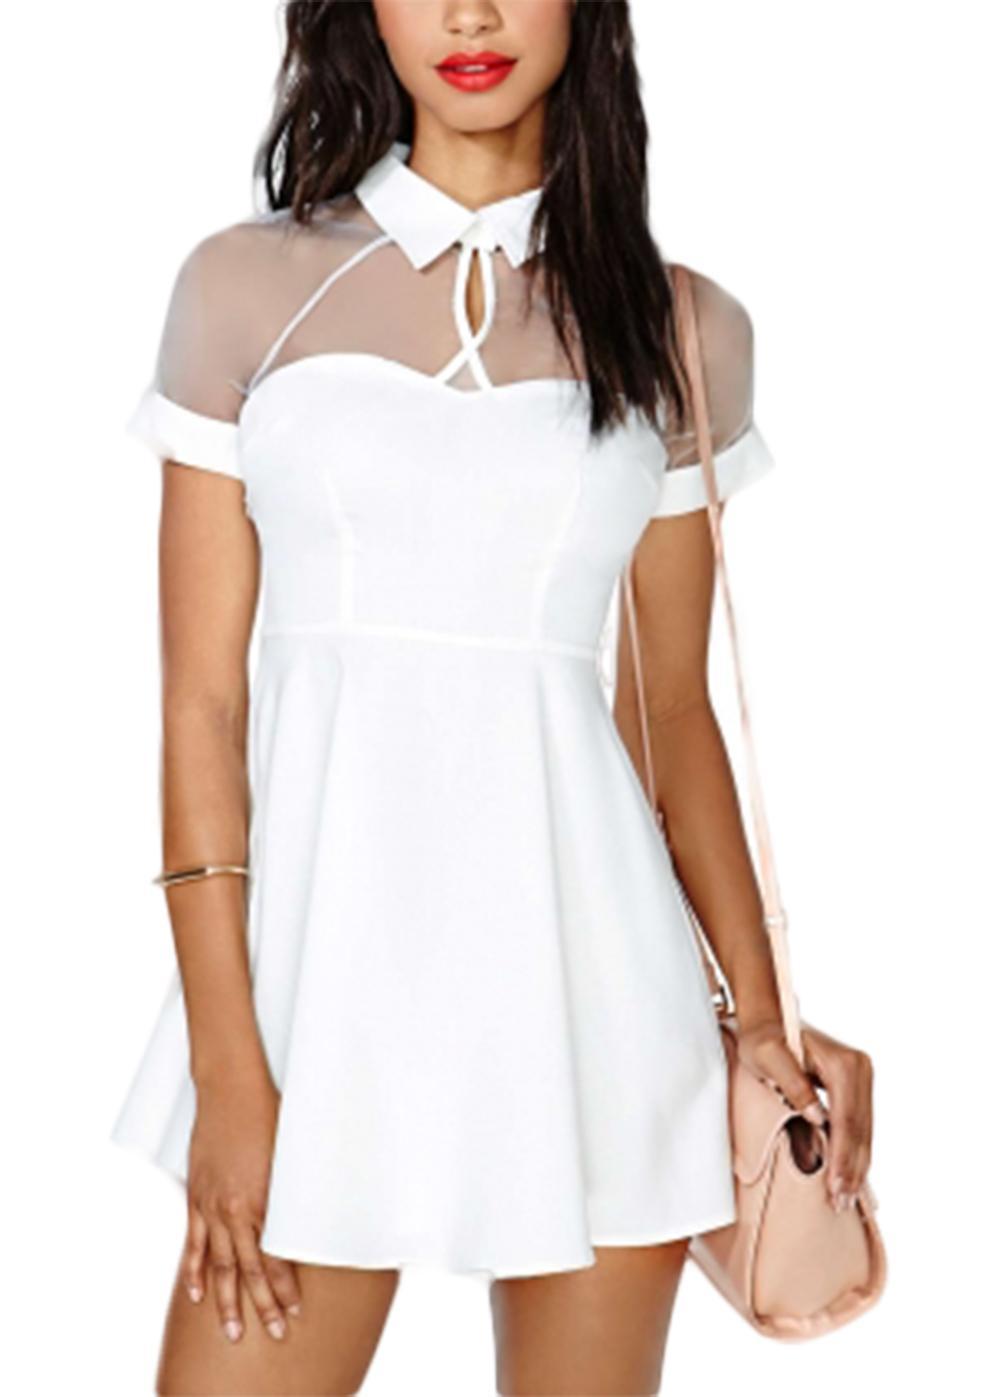 Waooh - vestido transparente escote Ozee